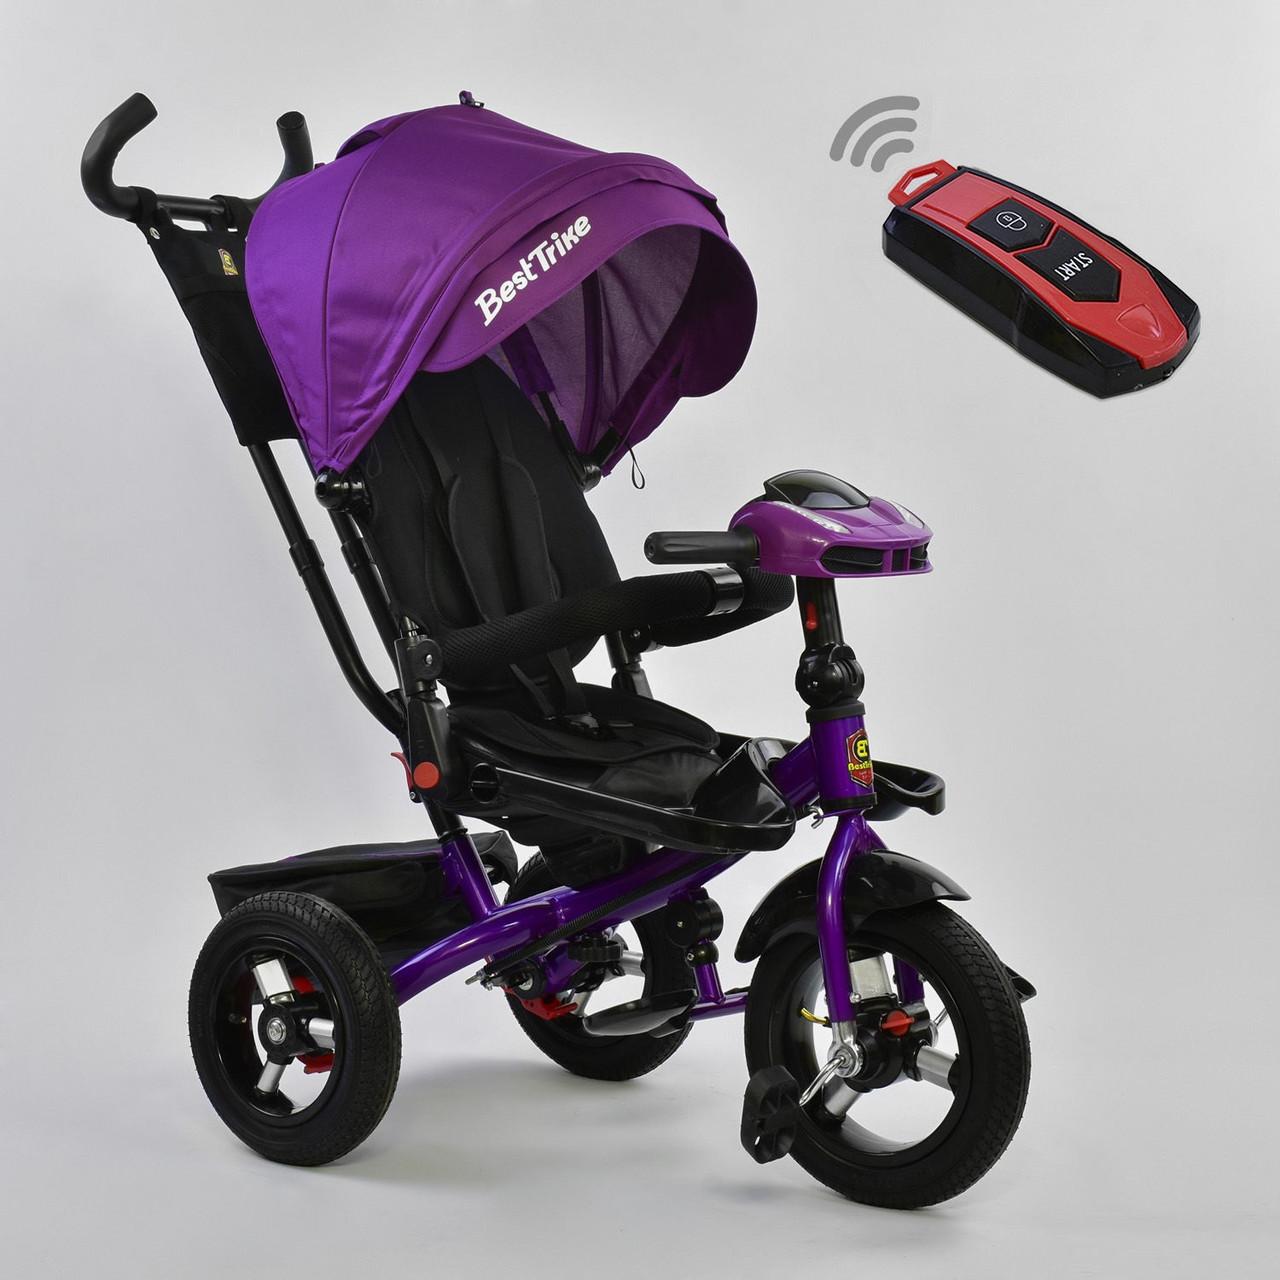 Велосипед Best Trike 6088 F – 5525 поворотное сиденье, надувные колеса, с пультом